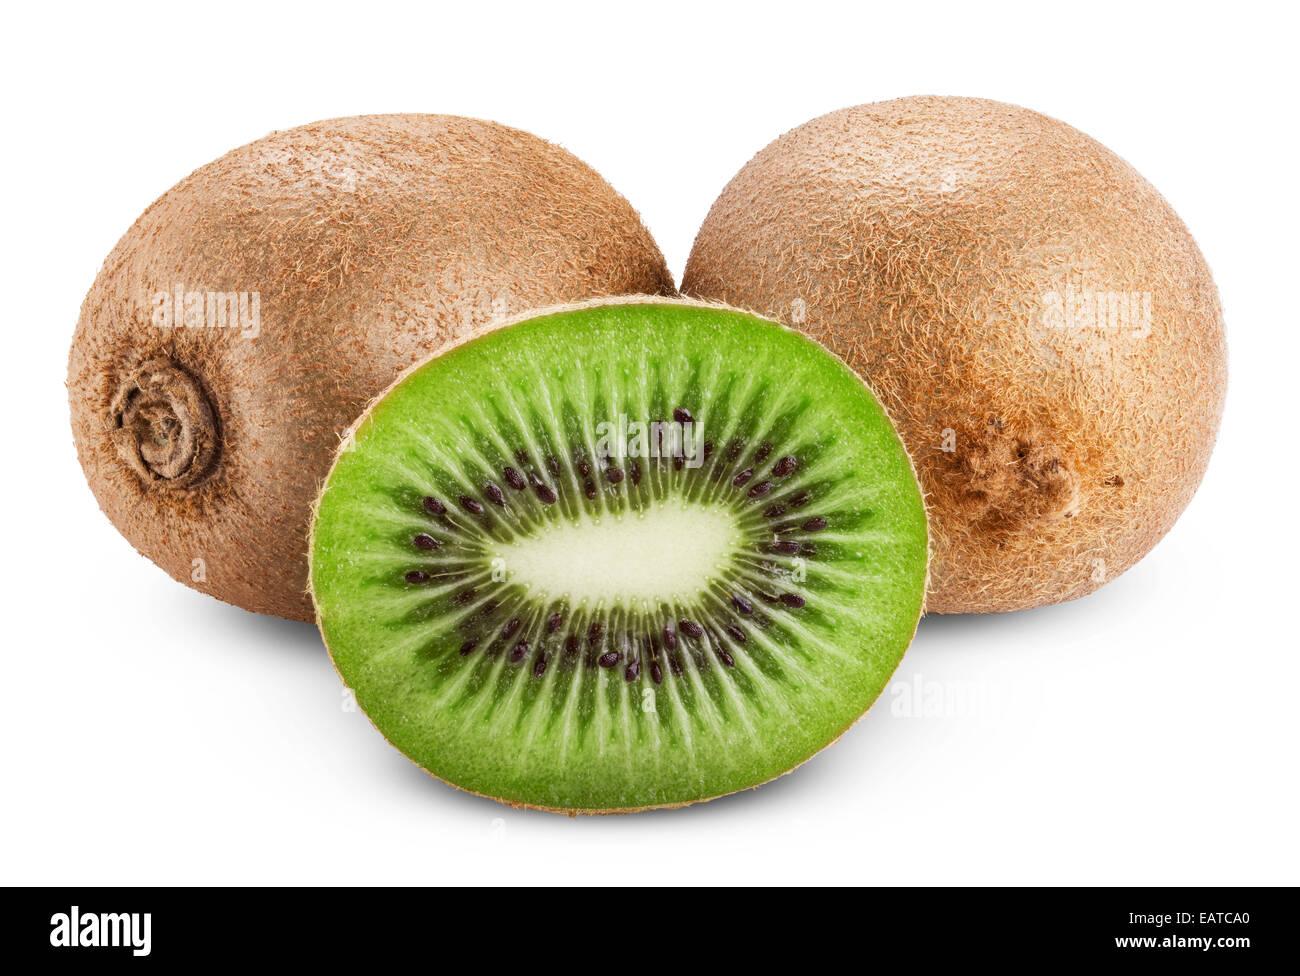 Kiwi fruit isolated on white background. Clipping Path - Stock Image